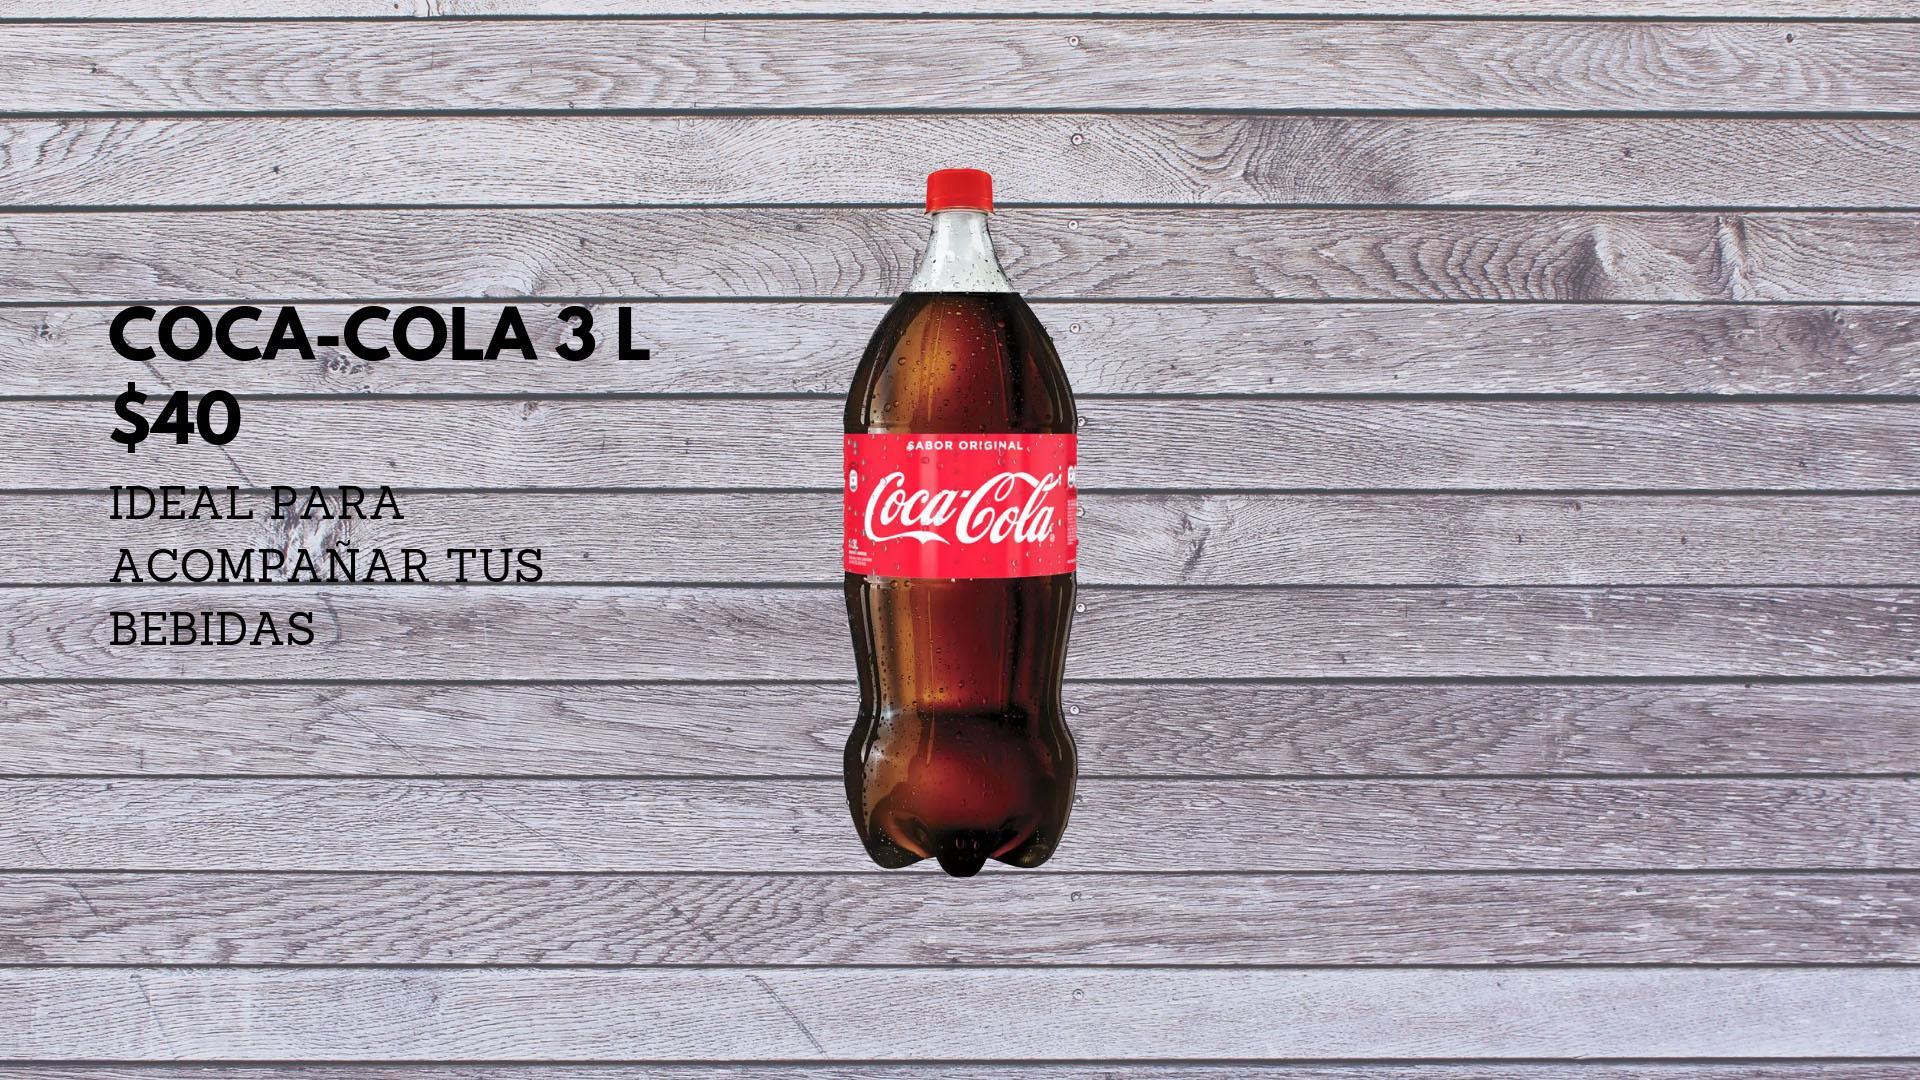 Coca-cola 3lt